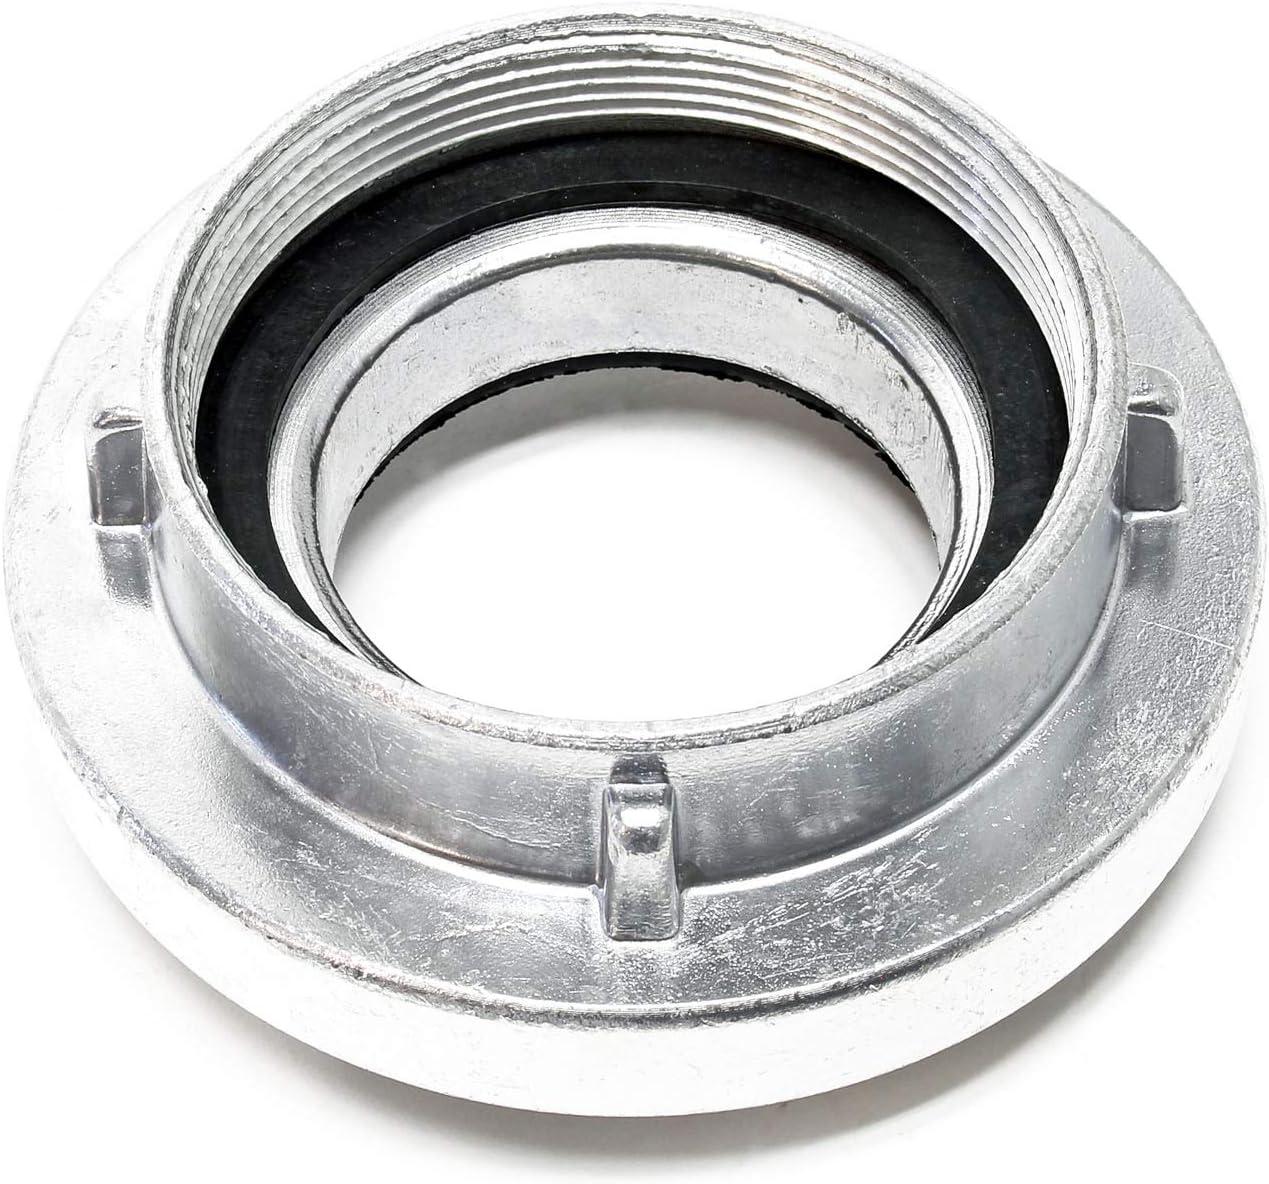 Storz festkupplung avec filetage extérieur-aluminium